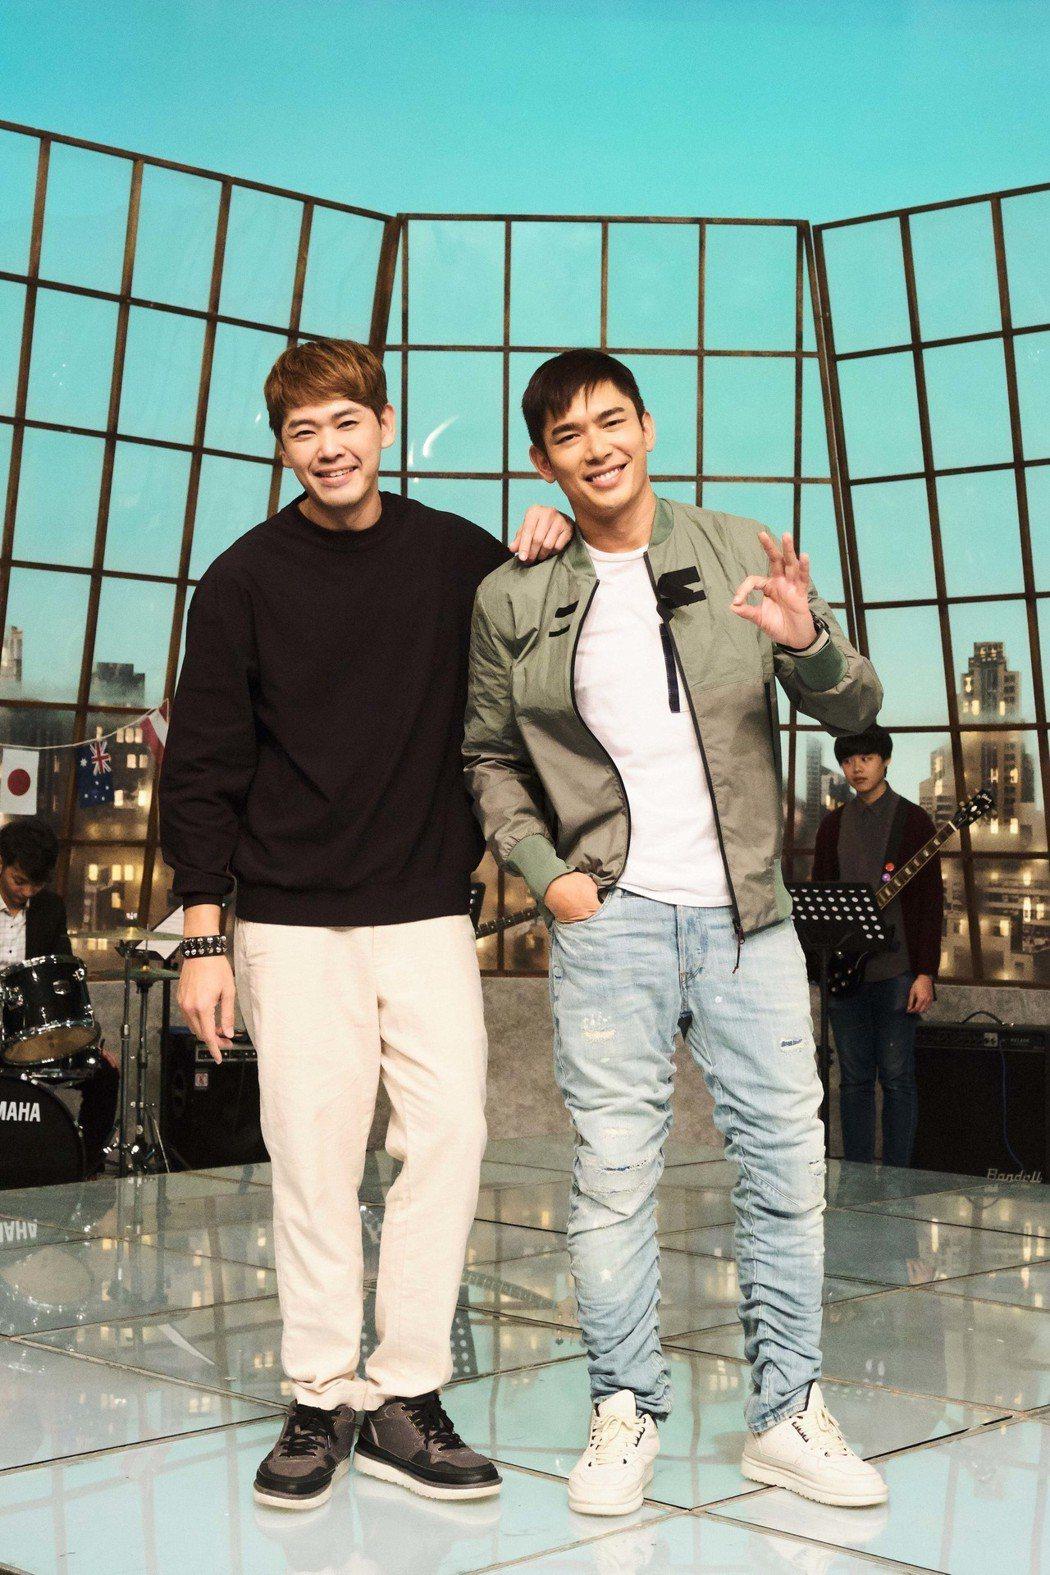 陳羅密歐(左)與黃俊雄在新加坡都有高人氣。圖/拙八郎提供